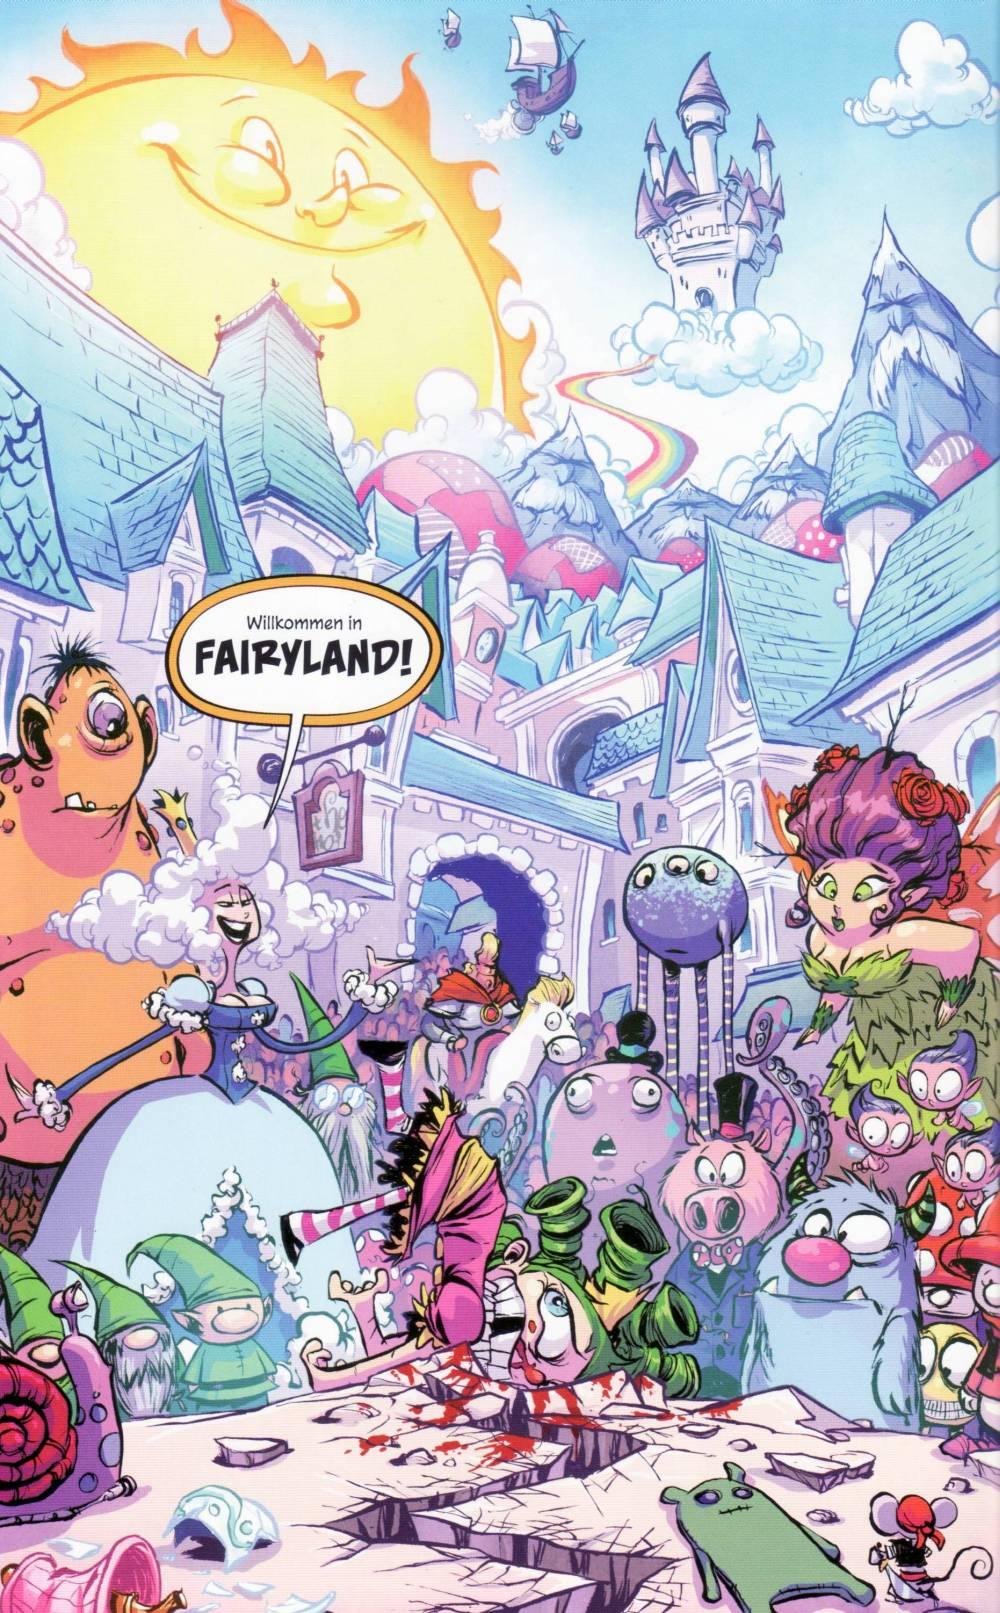 Die Ankunft in Fairyland ist alles andere als herzlich.